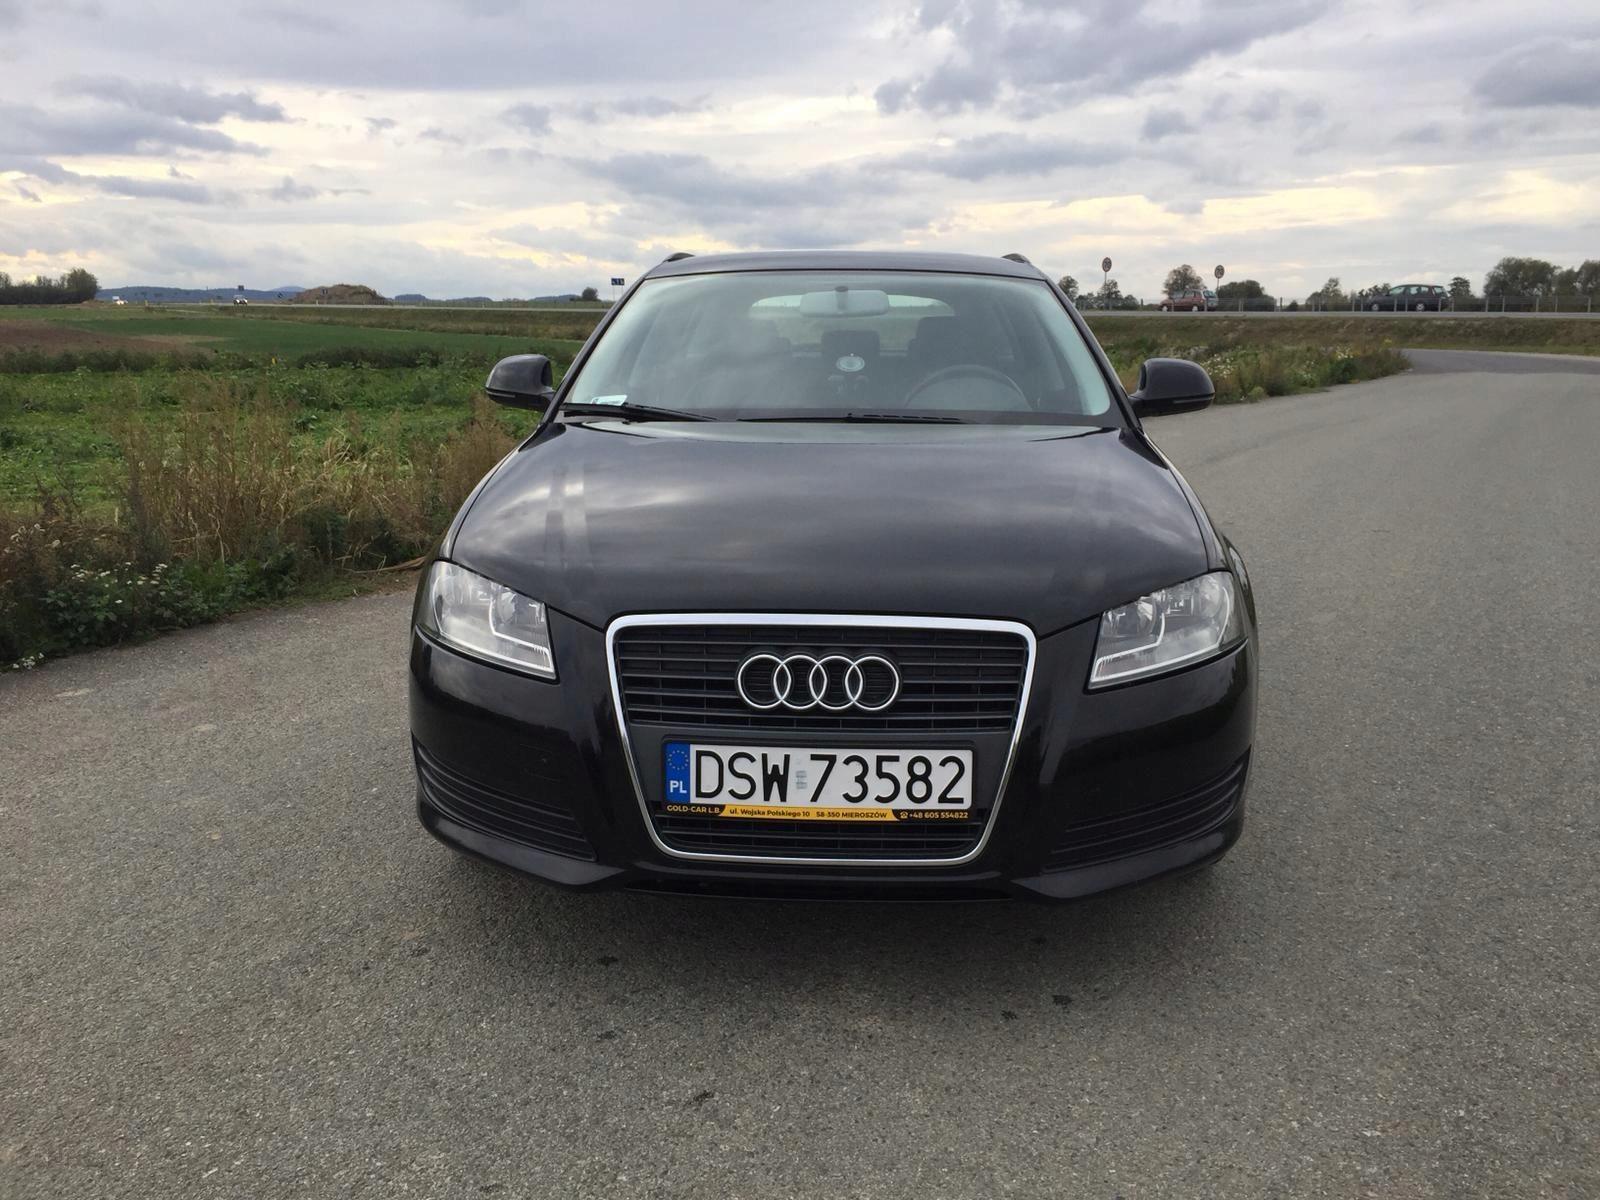 Audi A3 8p 14 Tfsi Oryginalny Przebieg Zarejestr Opinie I Ceny